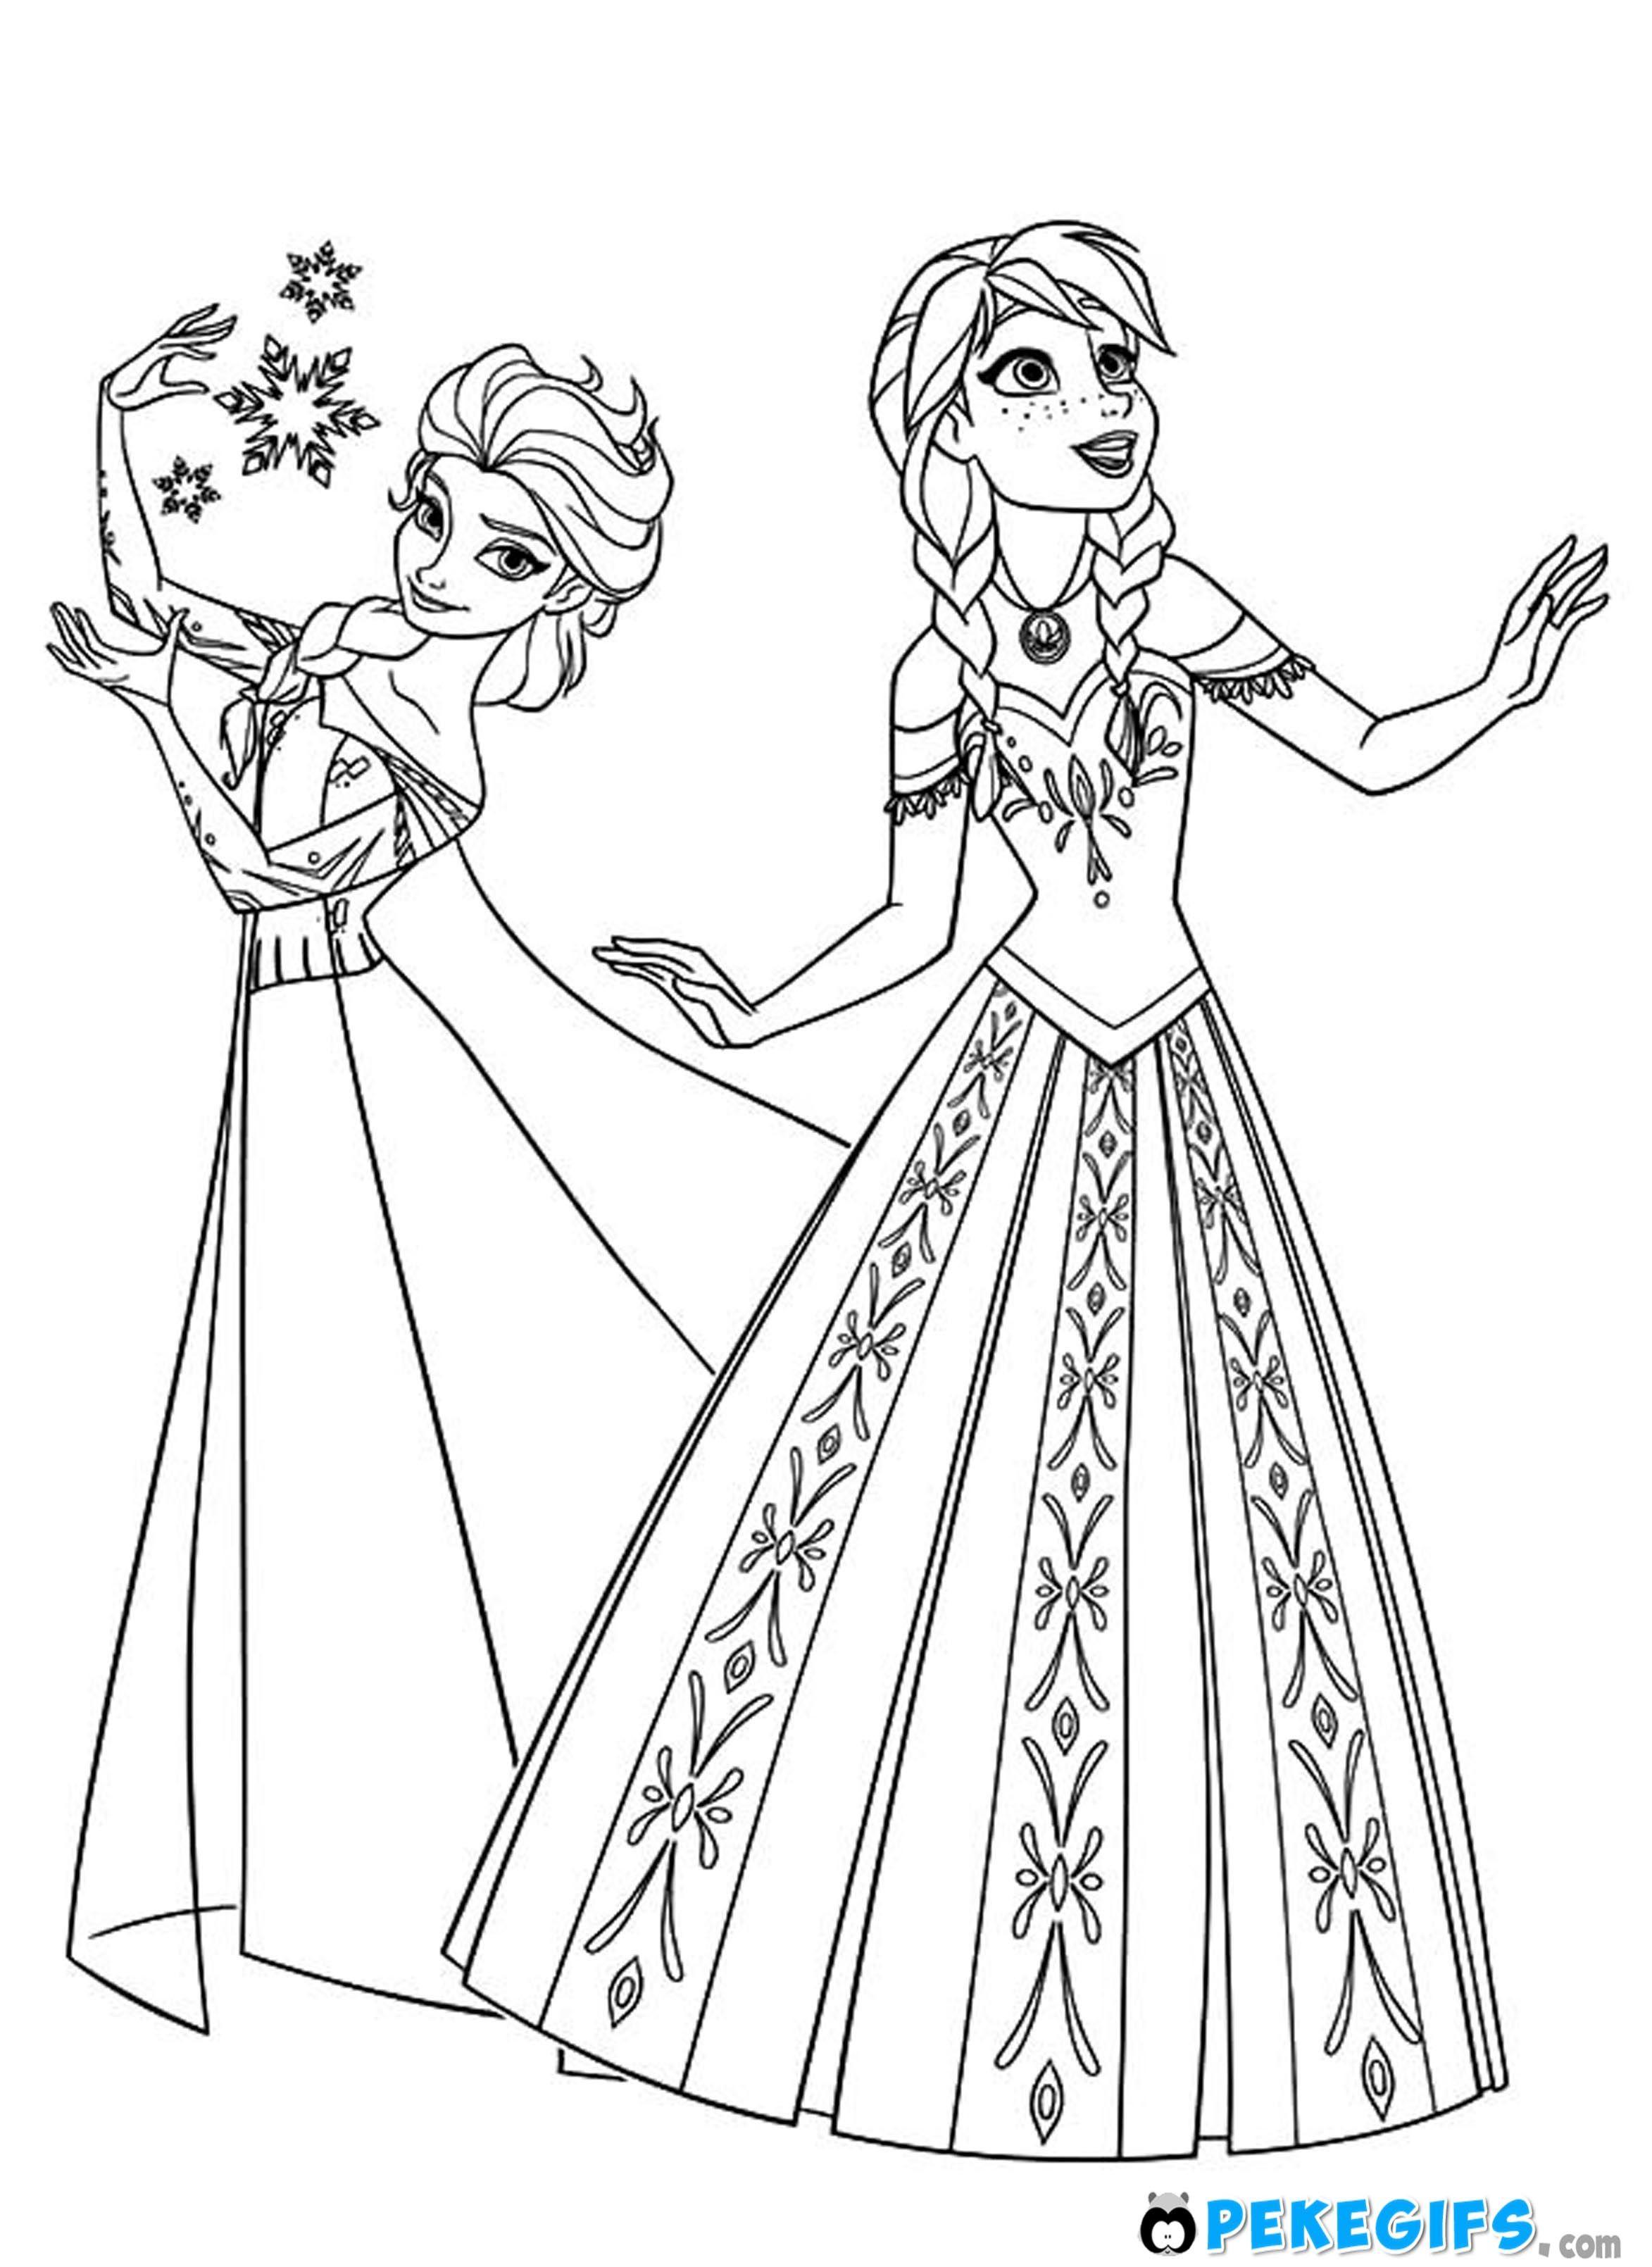 Dibujo colorear Frozen 18 | Anna of frozen